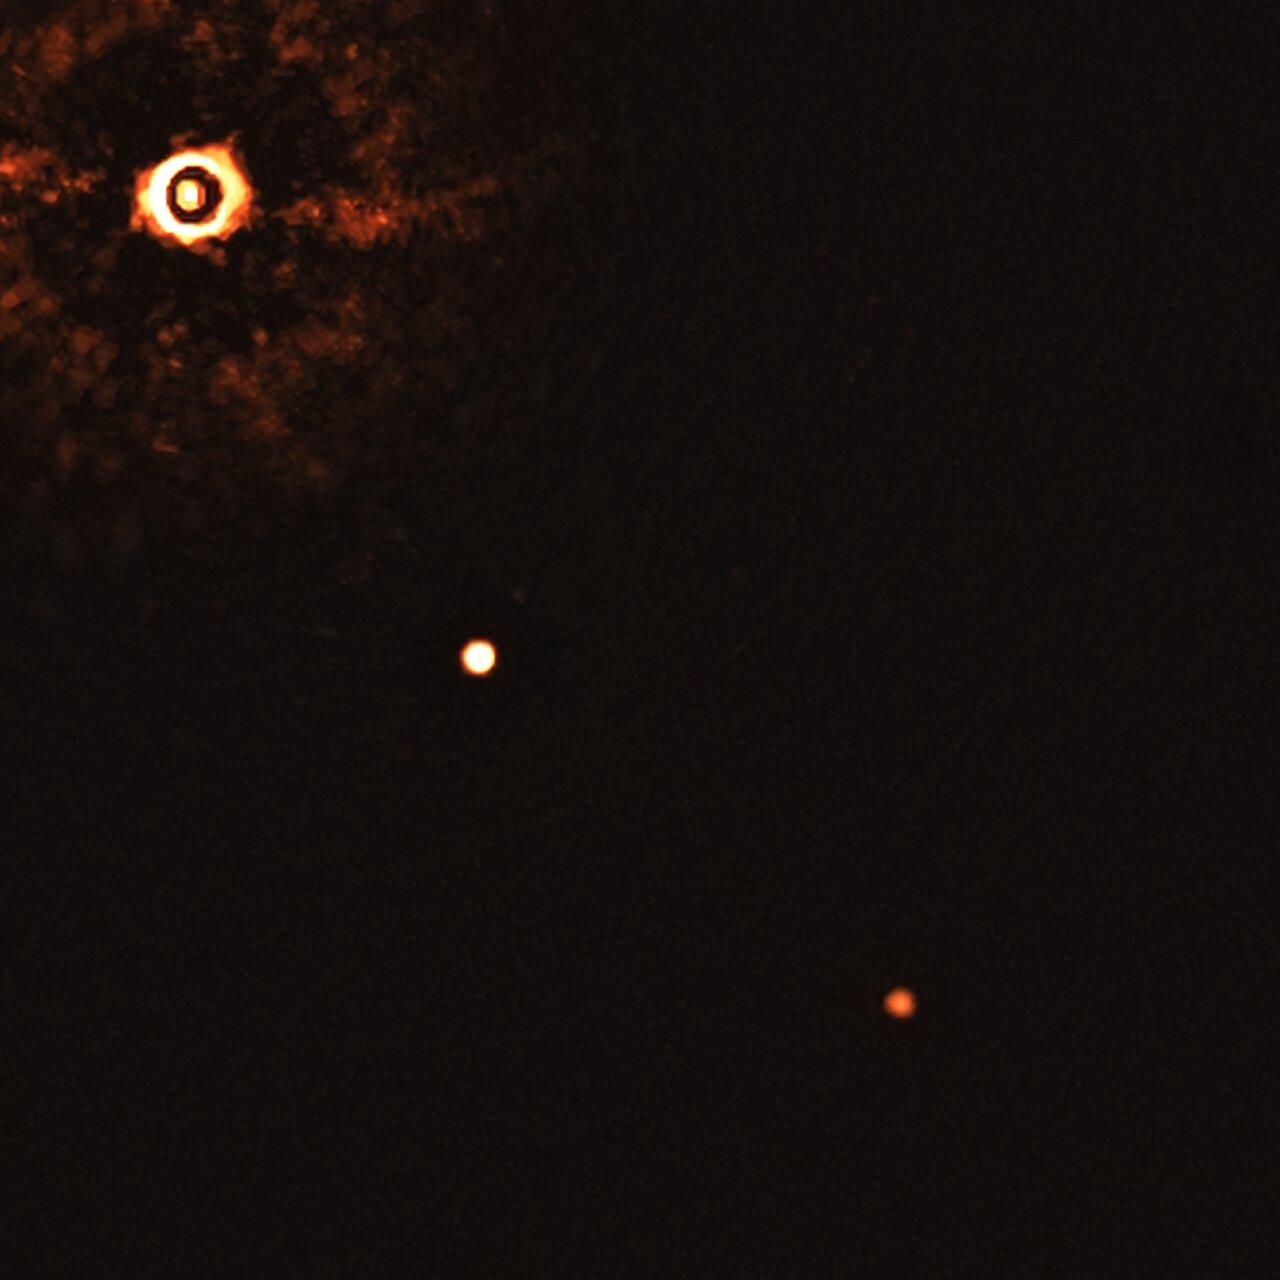 První snímek systému několika exoplanet u hvězdy podobné Slunci